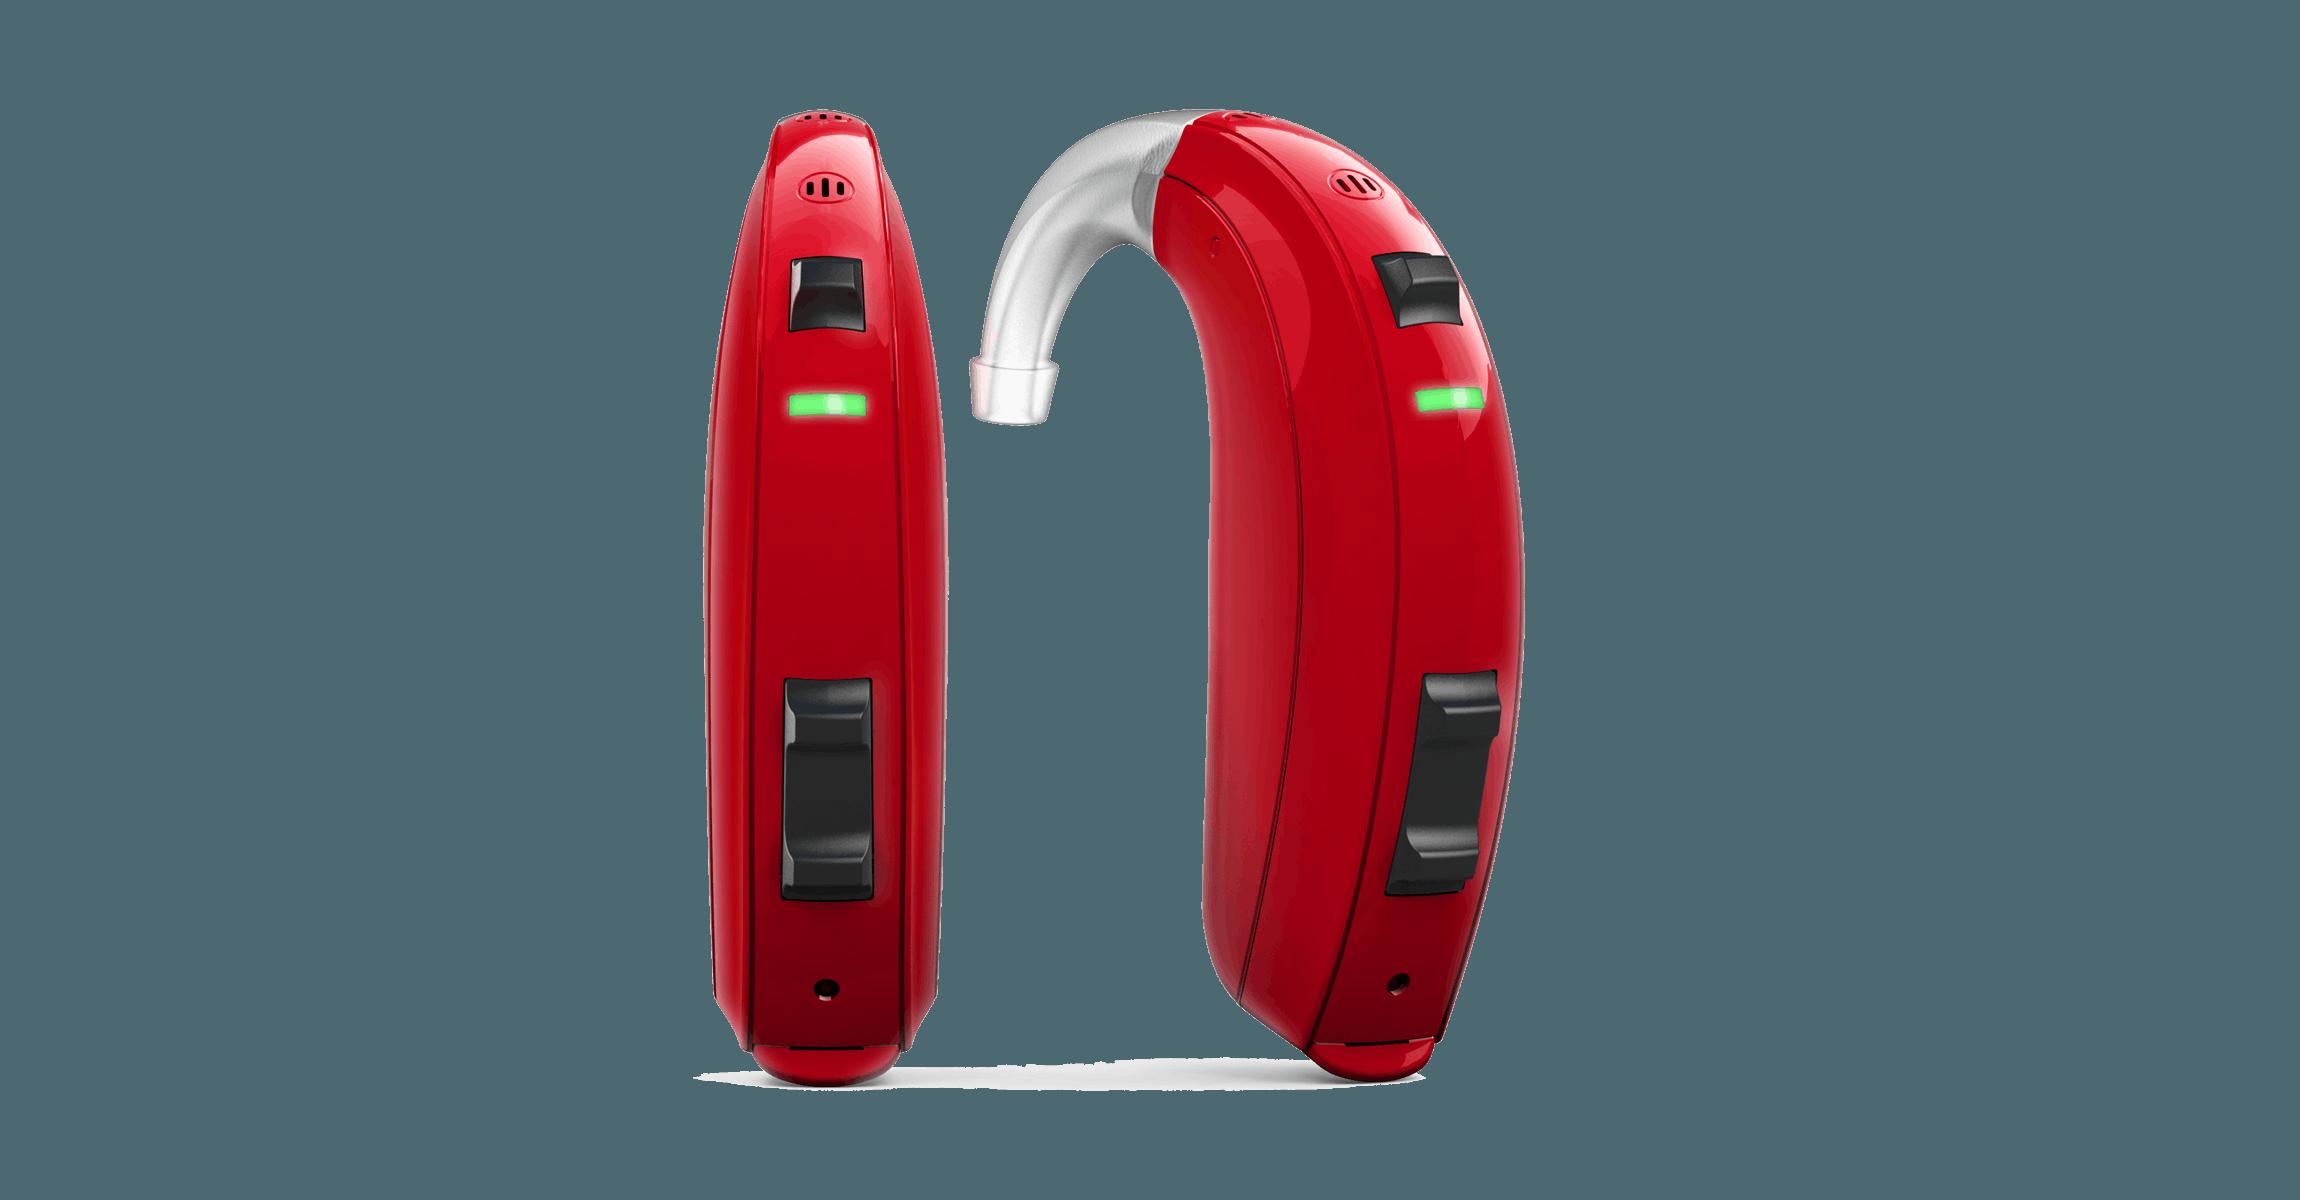 rs-up-smart-88-plastic-hook-led-monza-red-led_support Uncategorized